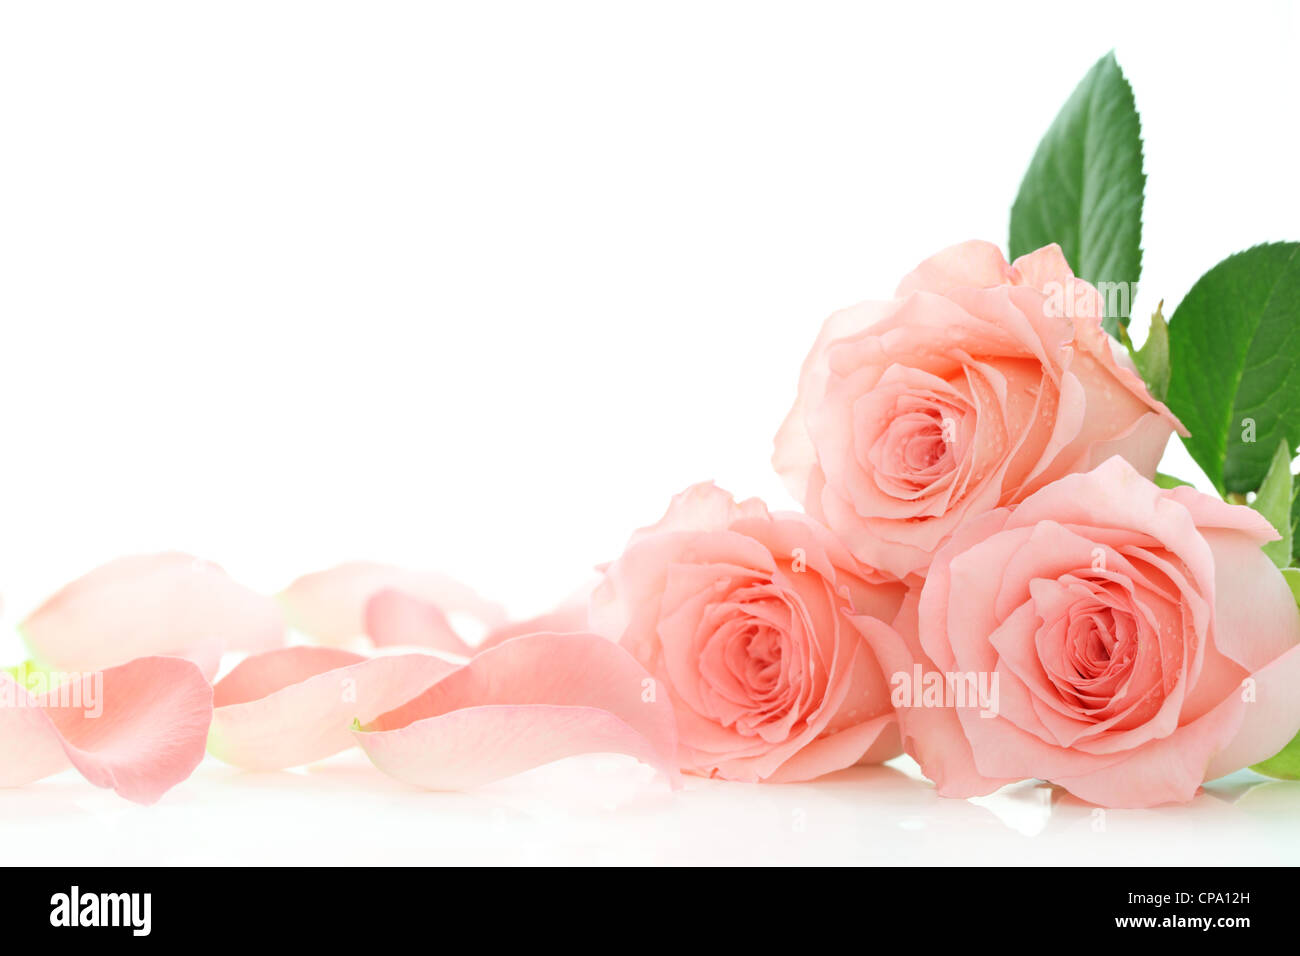 Pétales de roses roses sur fond blanc Photo Stock